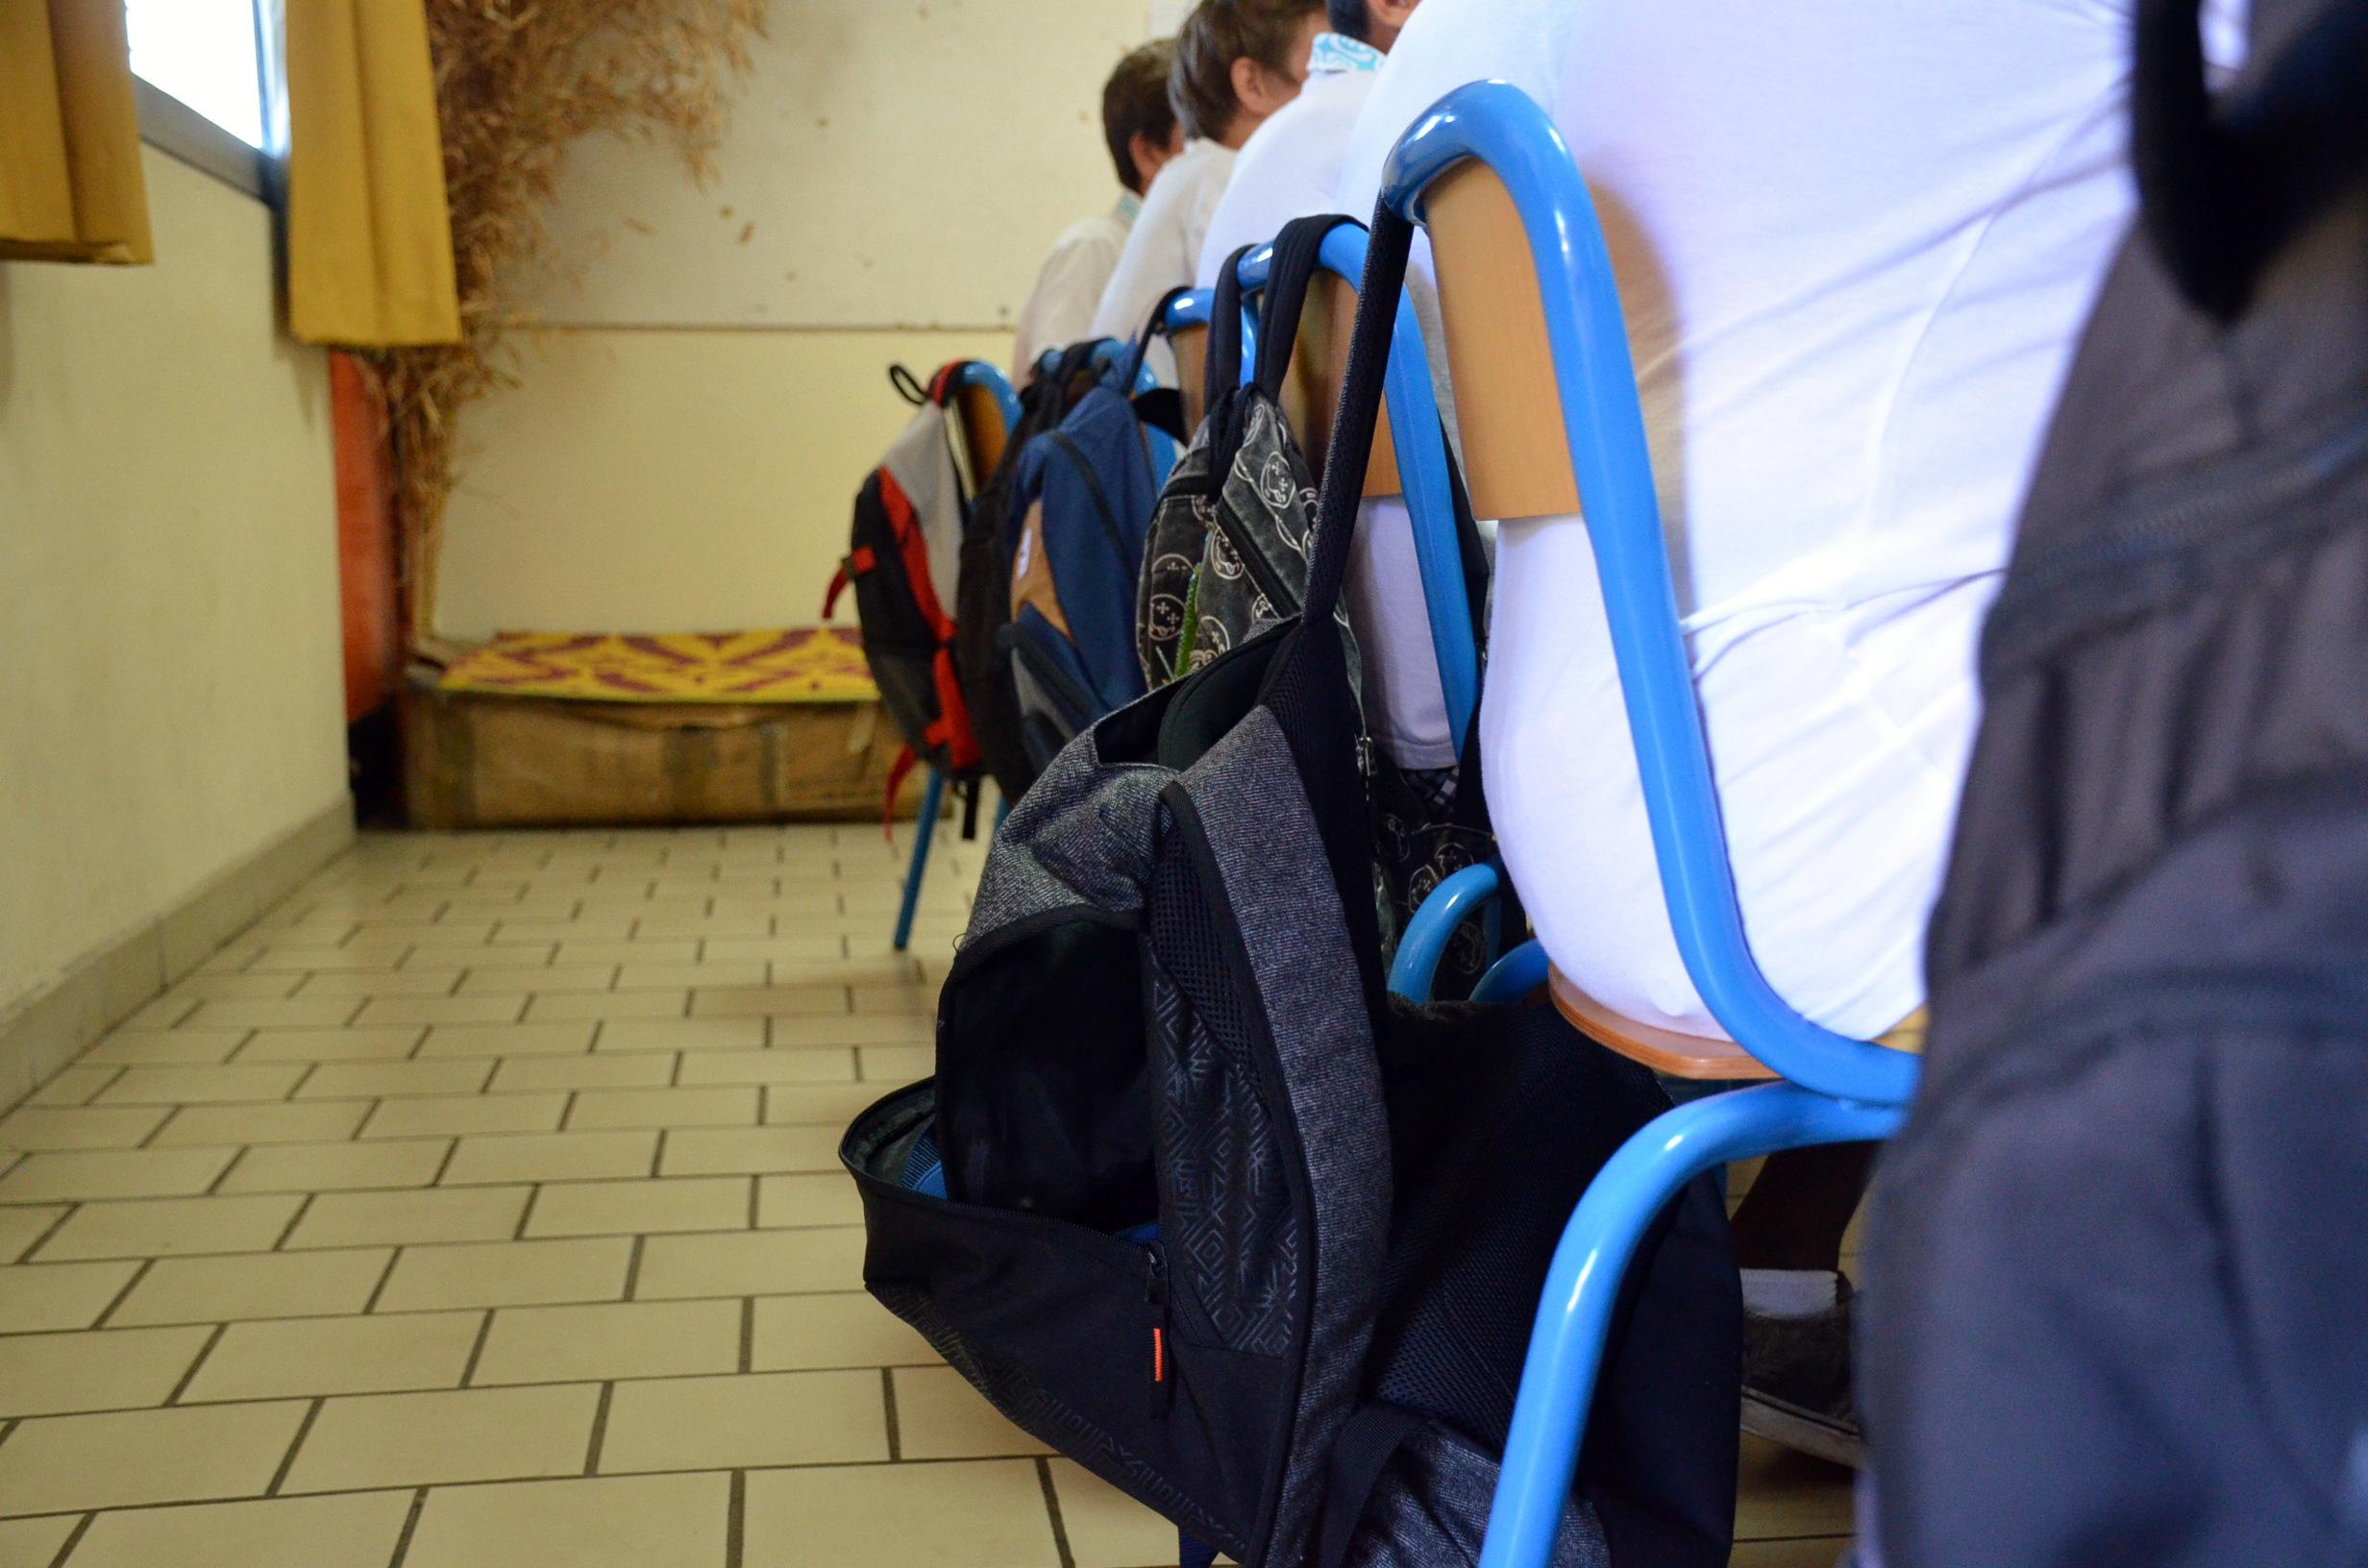 L'Assurance scolaire : assurer son enfant à l'école pour lui comme pour les autres